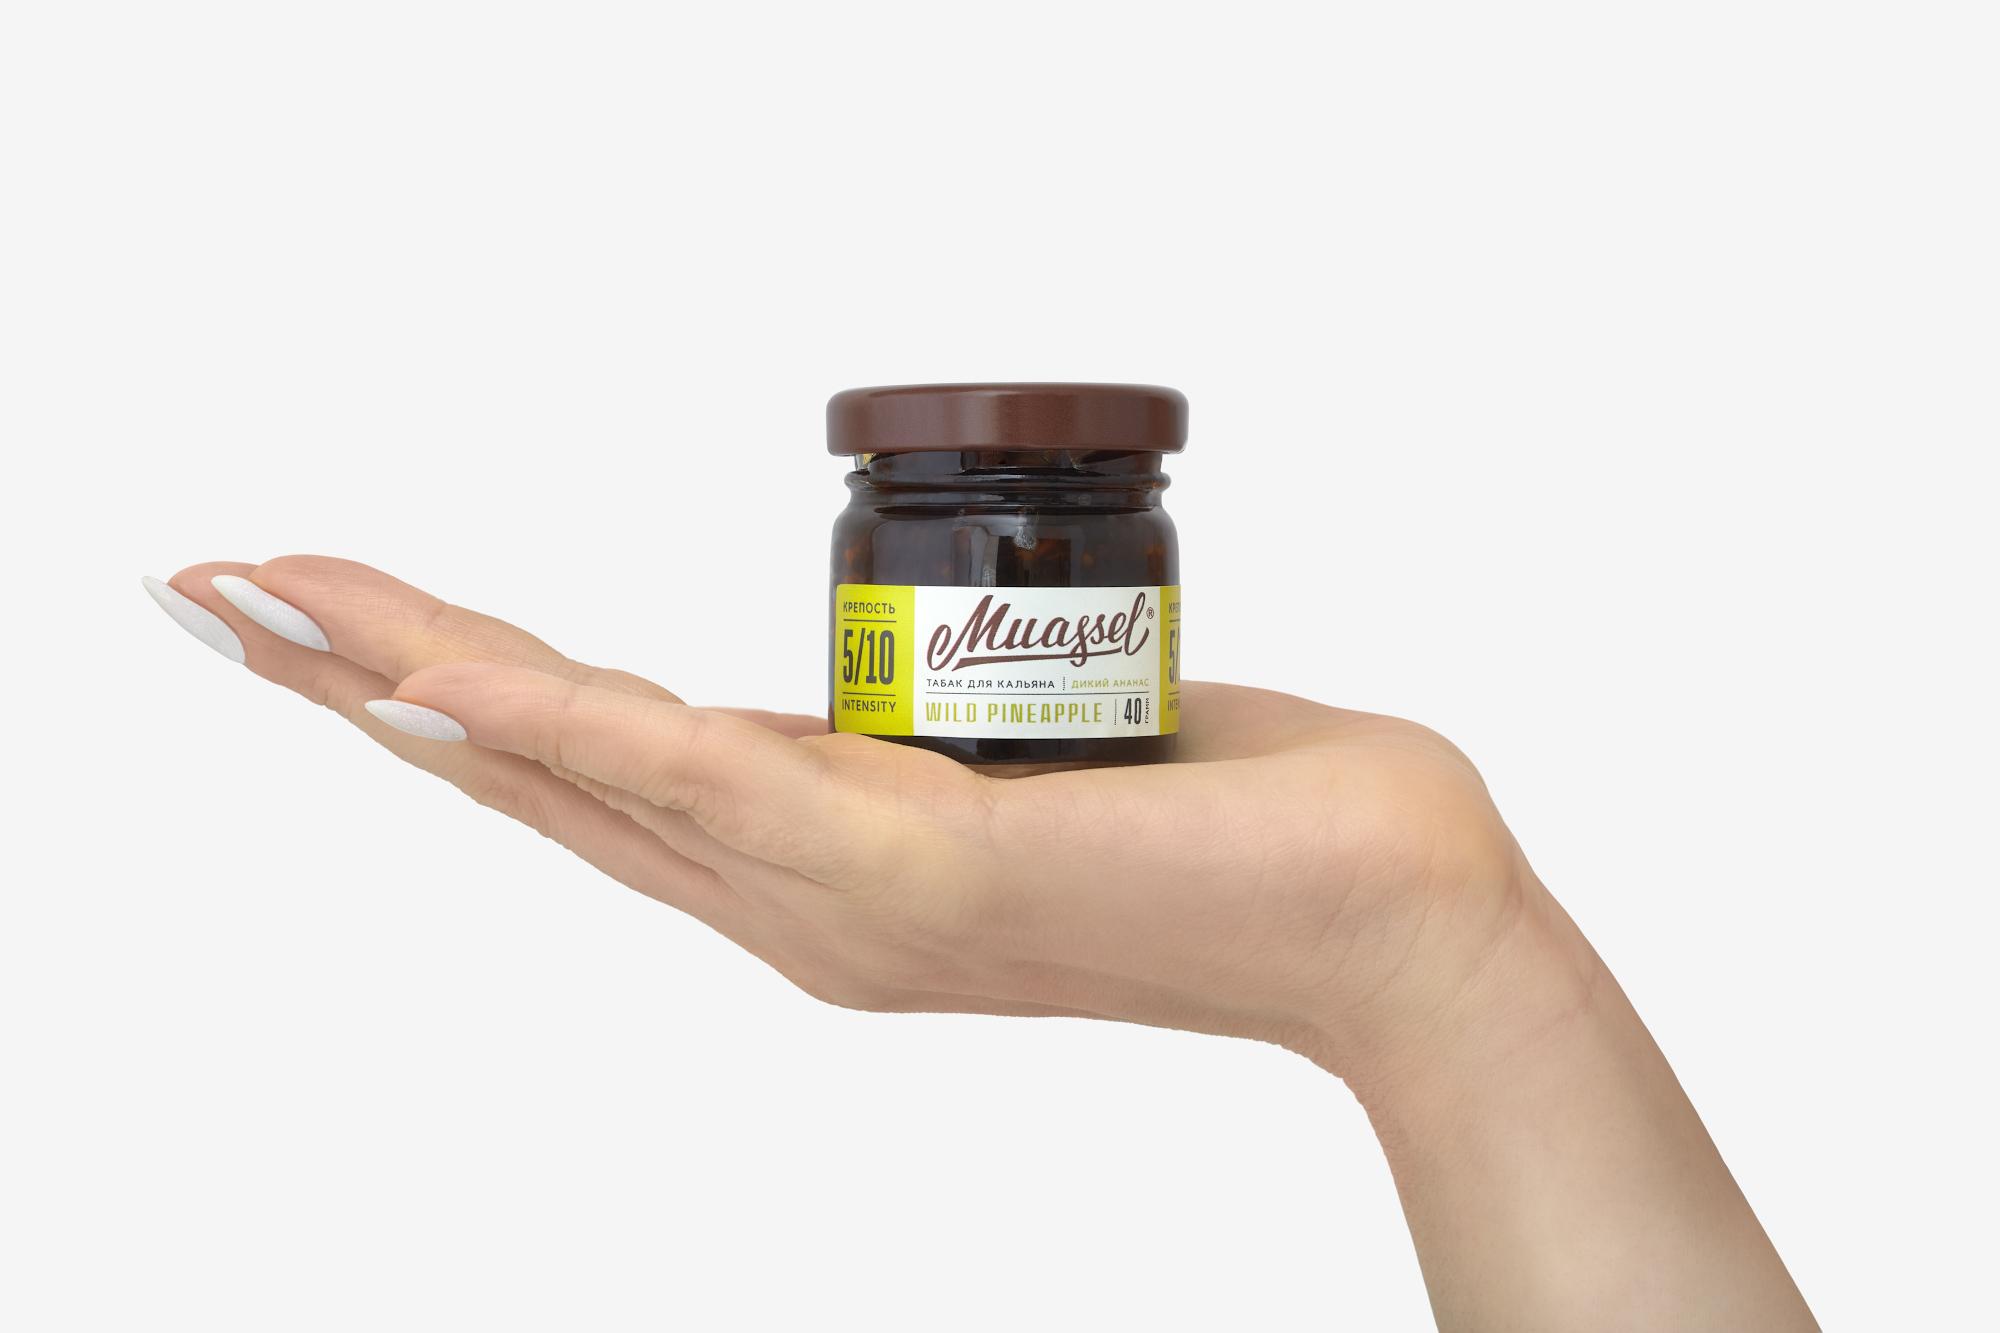 Muassel Hookah Tobacco Packaging Design by Uniqorn Branding Agency